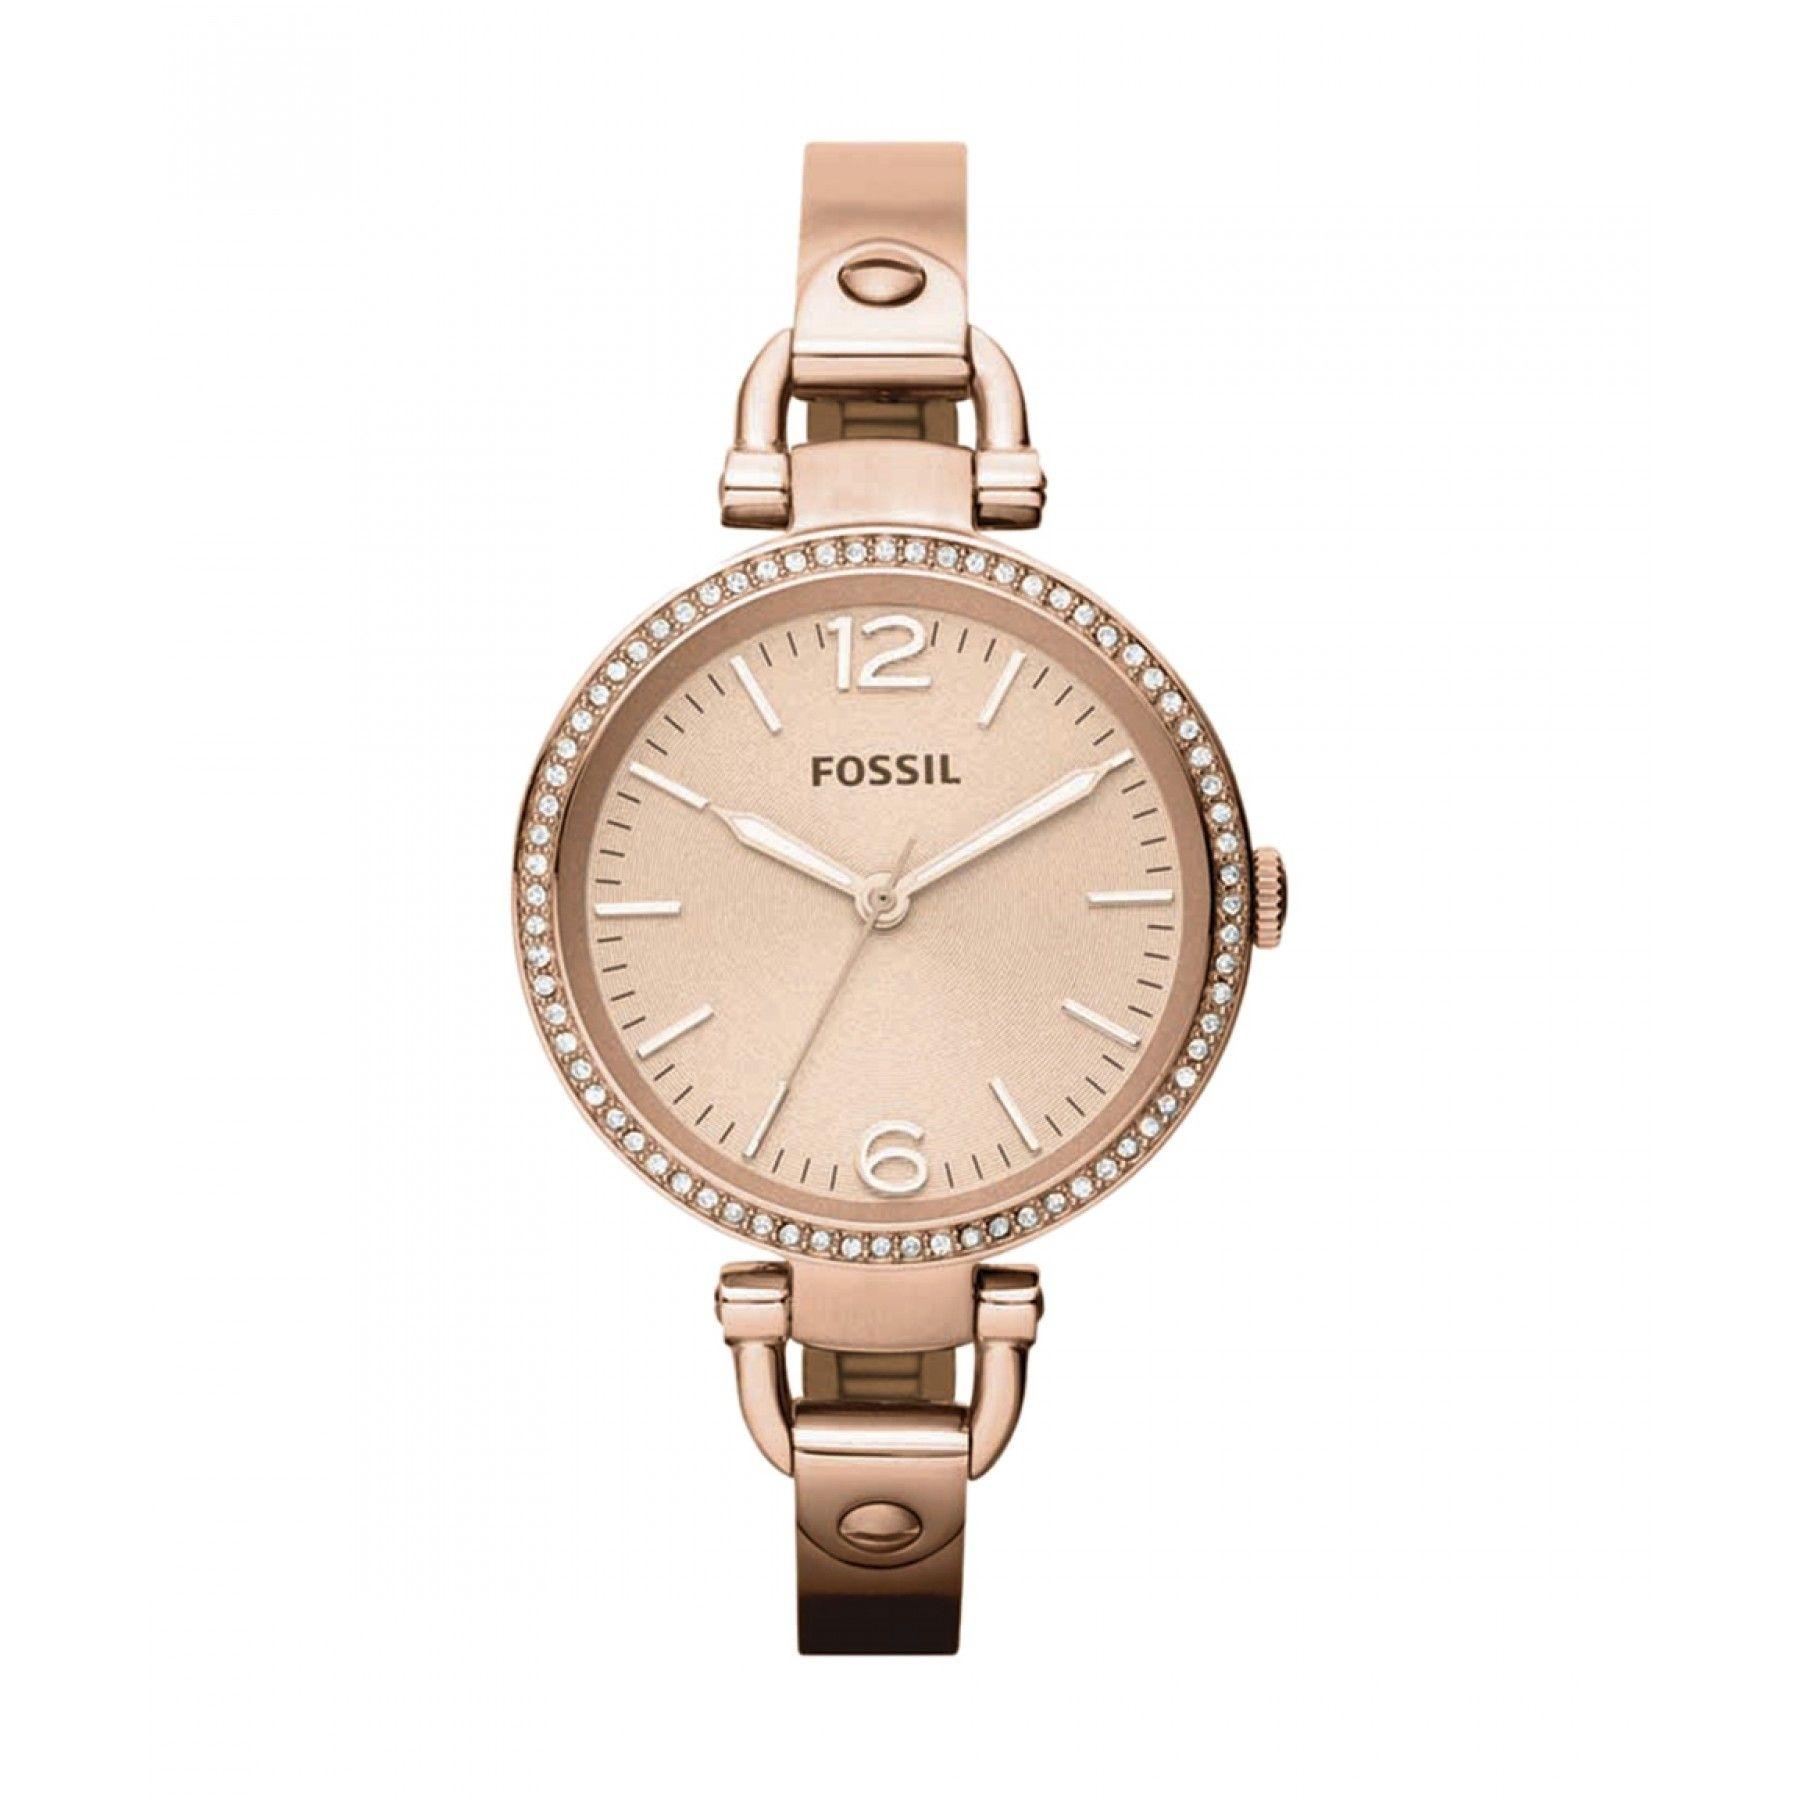 69d041428299 Reloj para dama con caja y corona de acero inoxidable en tono oro rosado  bisel con incrustaciones en finos cristales.